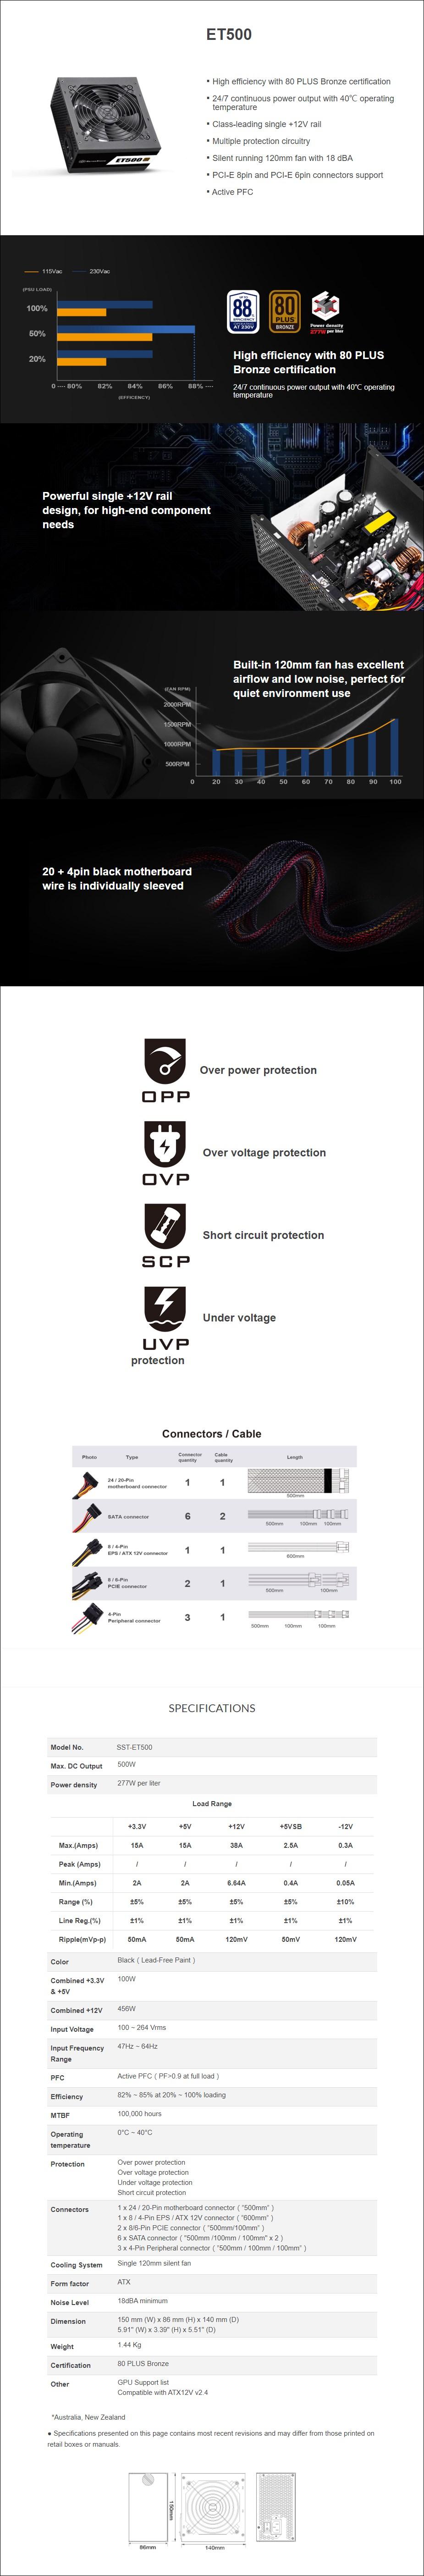 SilverStone Essential SST-ET500 500W 80+ Bronze Power Supply - Overview 1